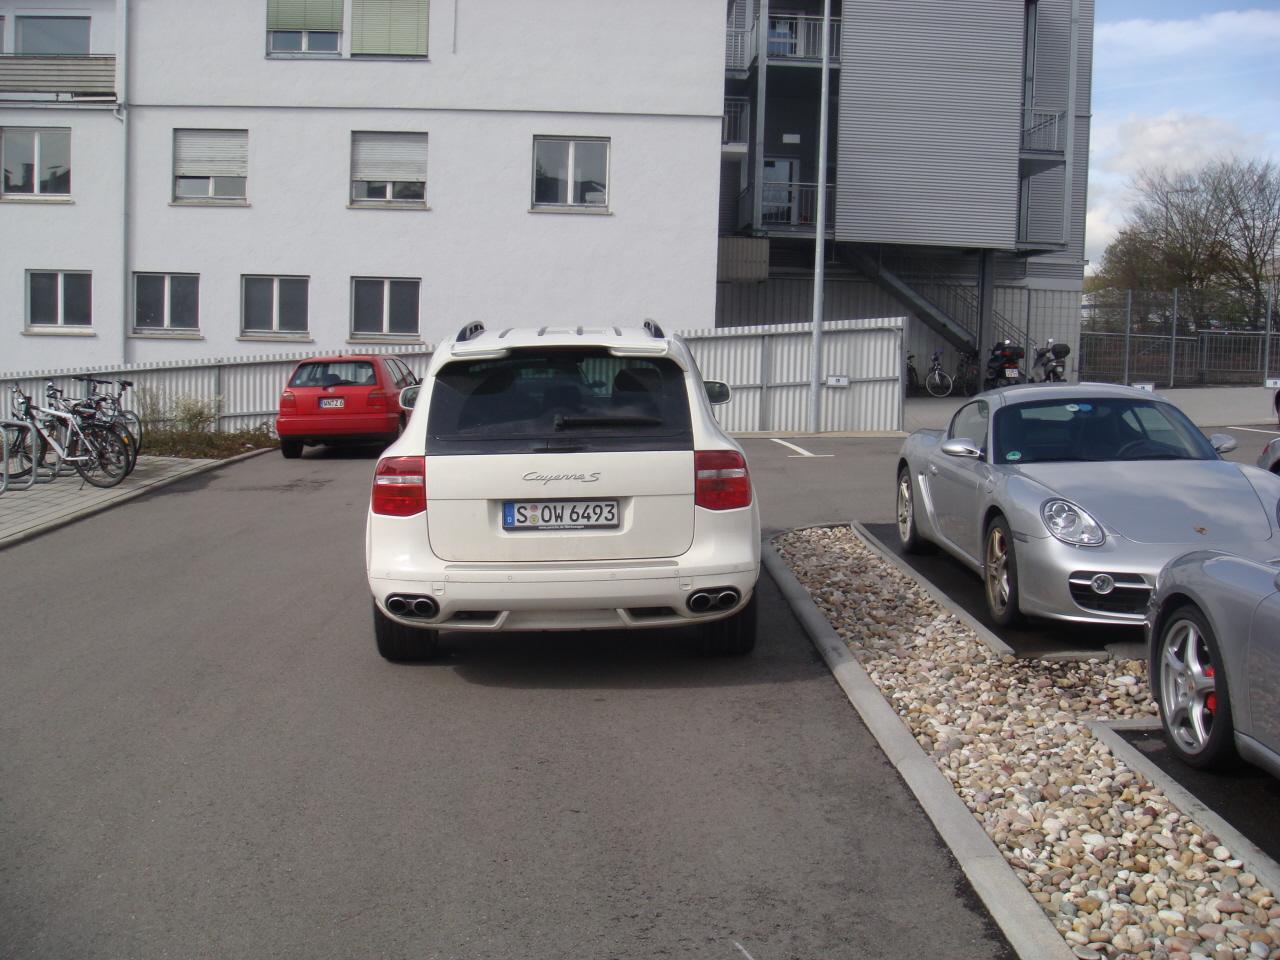 Visita Rapida a Porsche / Fast Visit to Porsche-cayennes.JPG